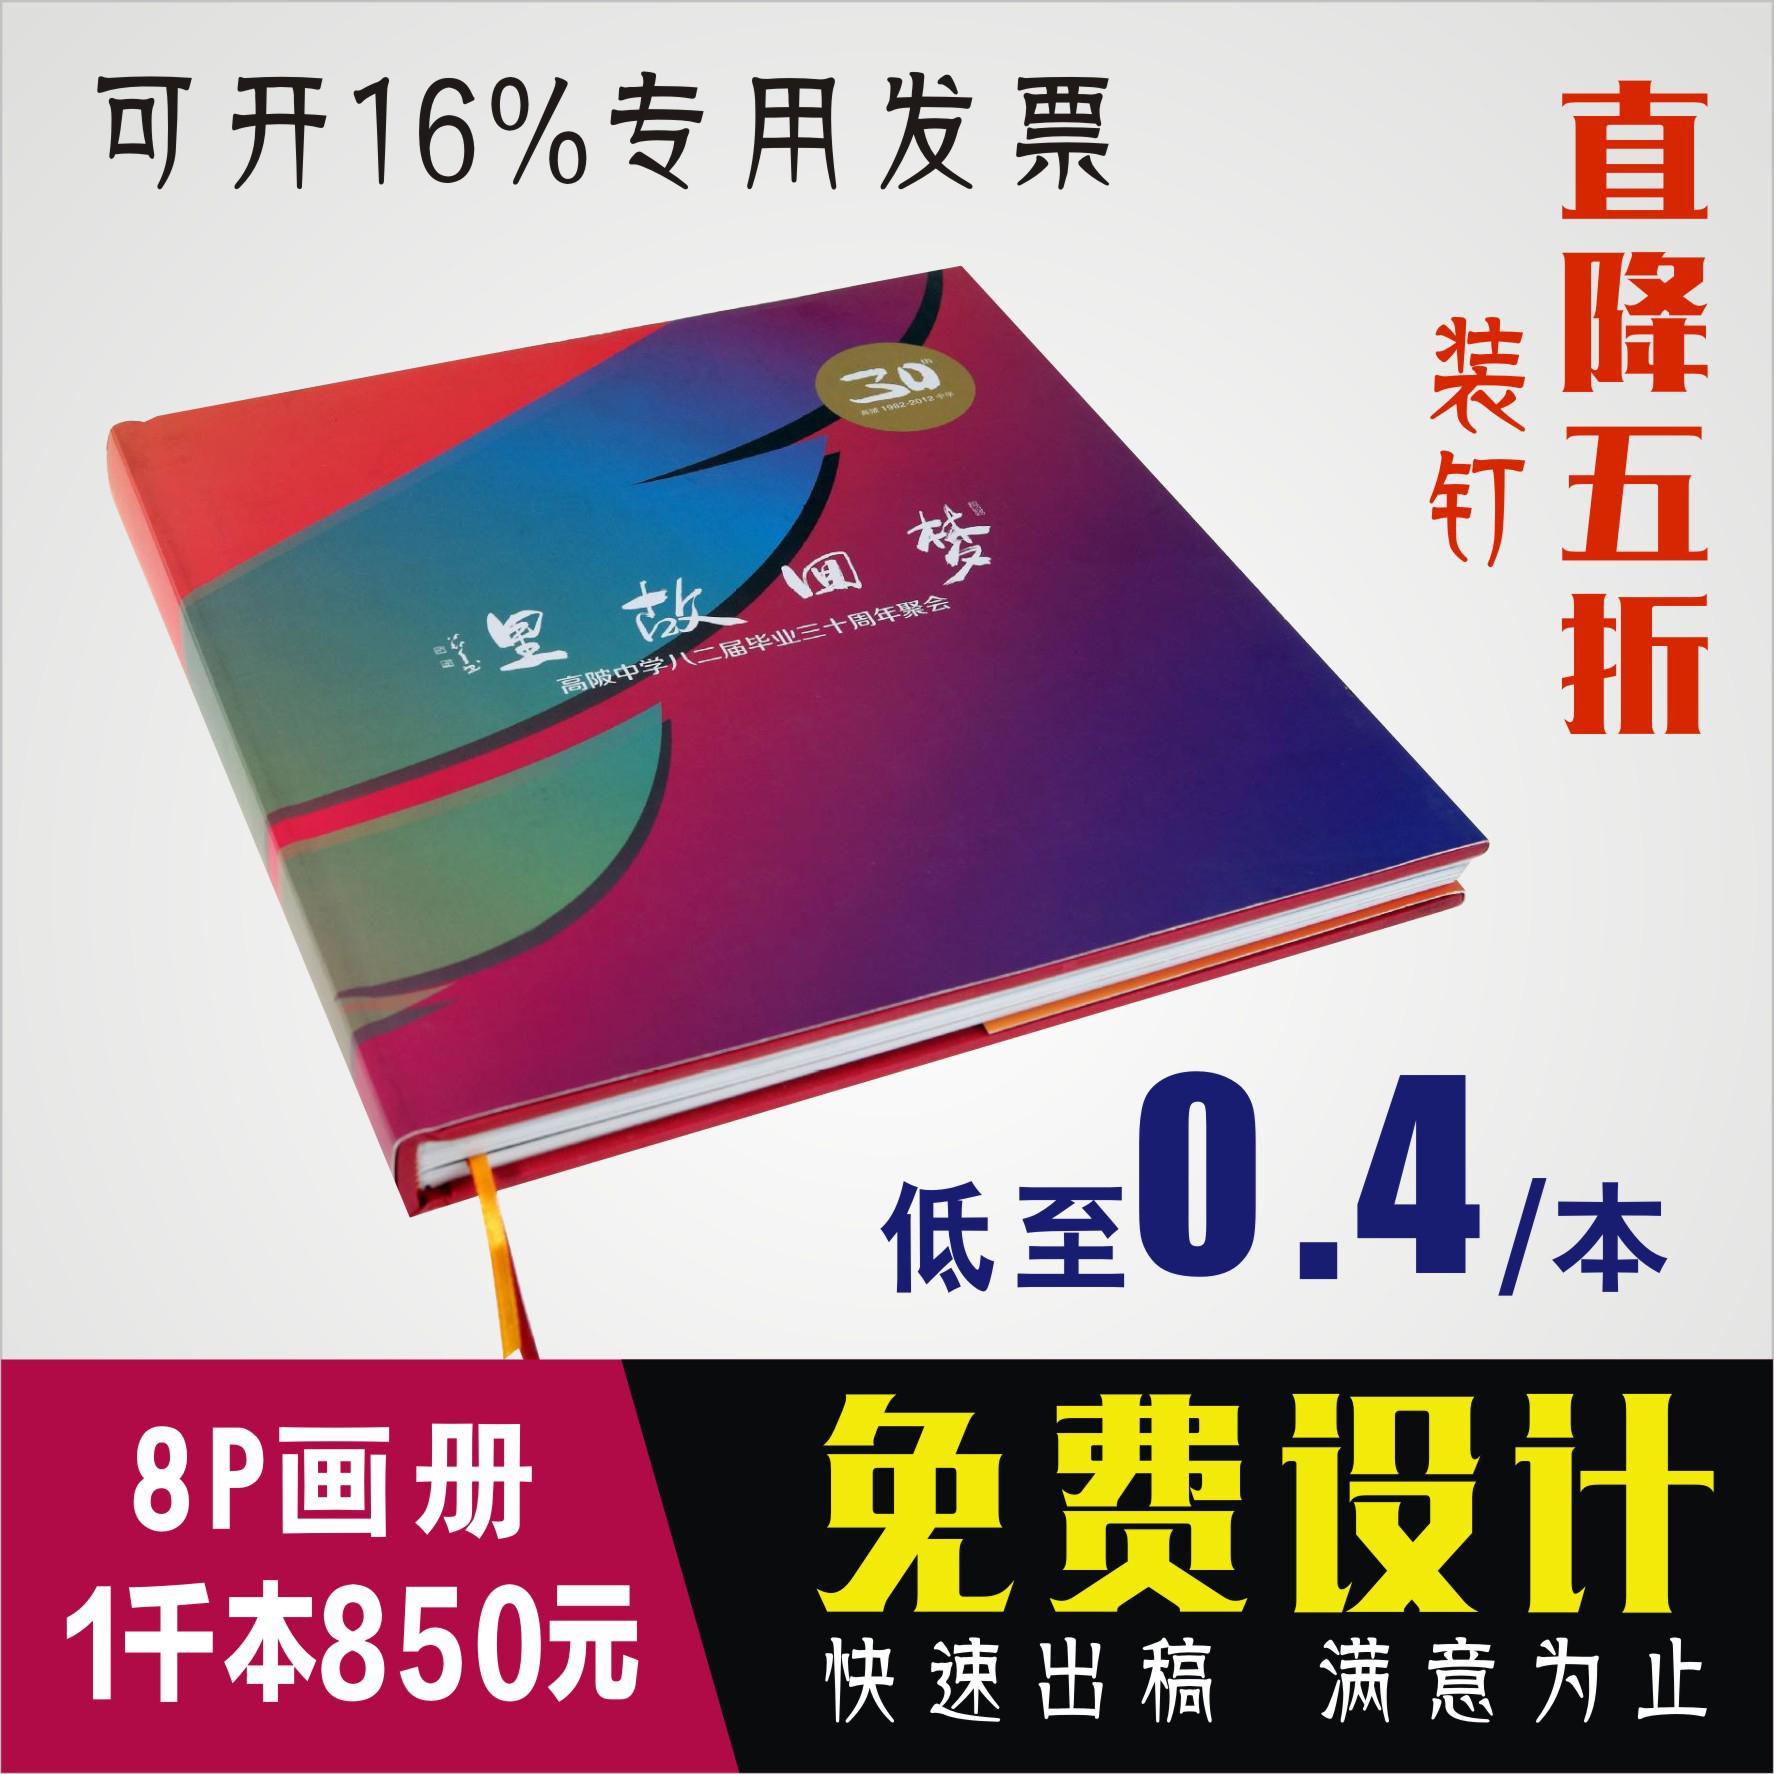 画册印刷设计企业宣传册产品手册公司杂志封套定制作图册蝴蝶精装